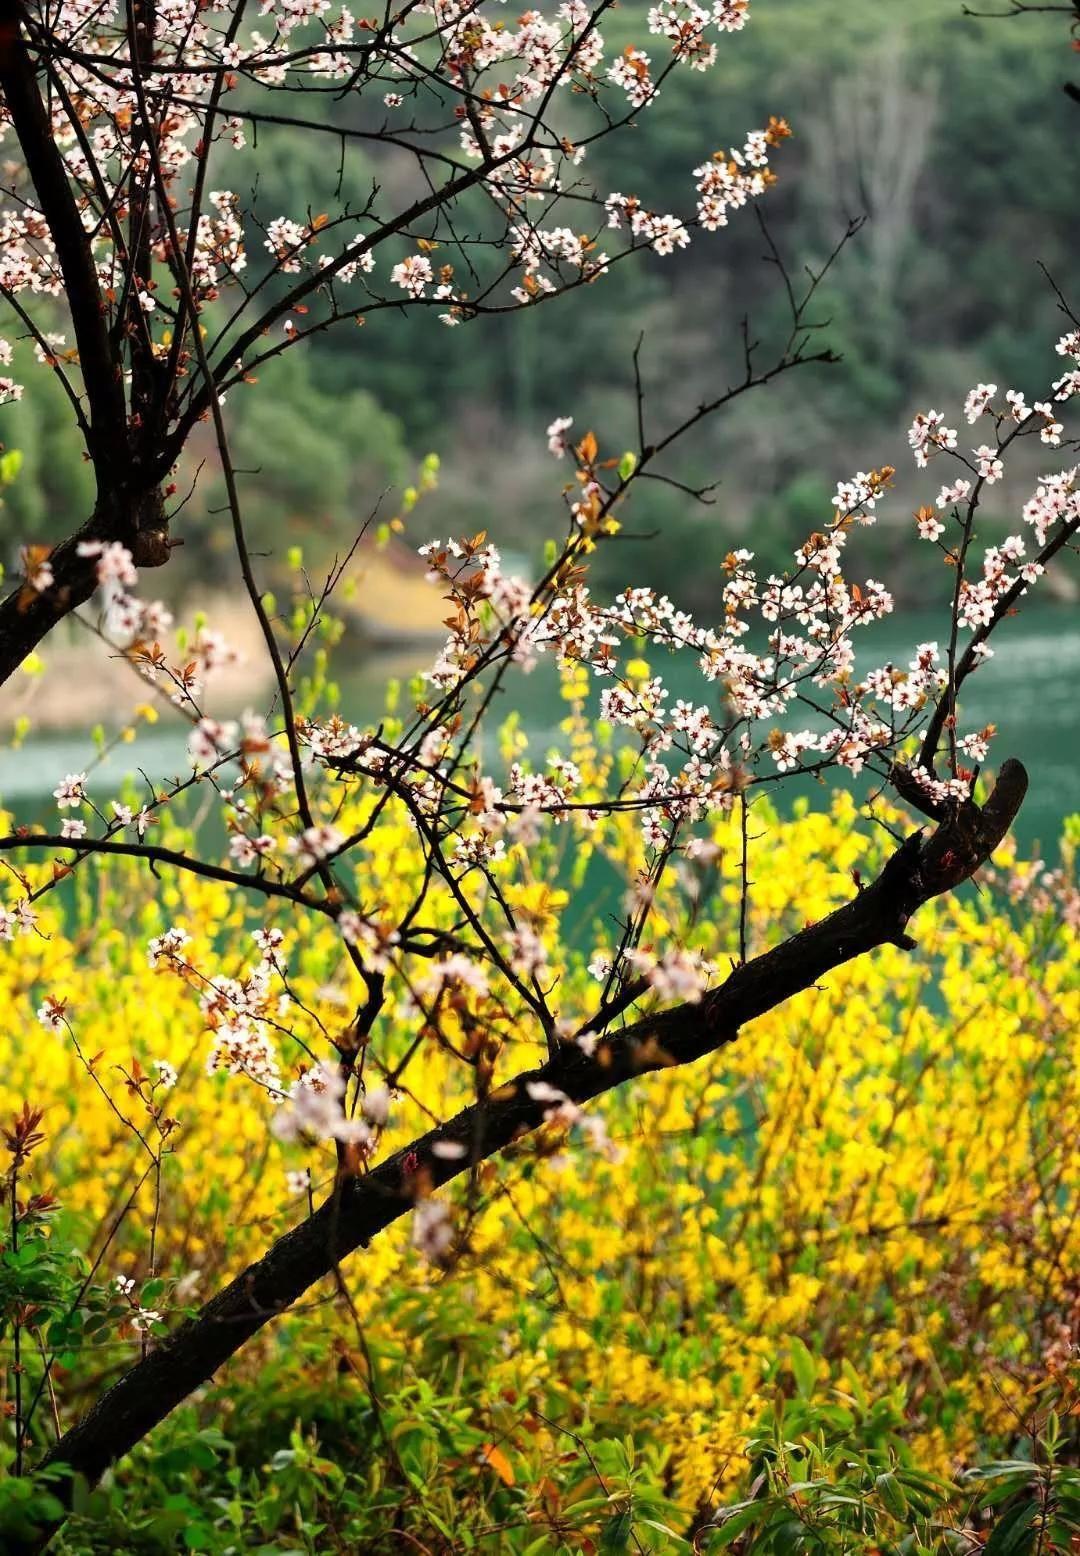 阳山万亩浪漫桃花林早春花盛开,来探寻无锡春天最浪漫